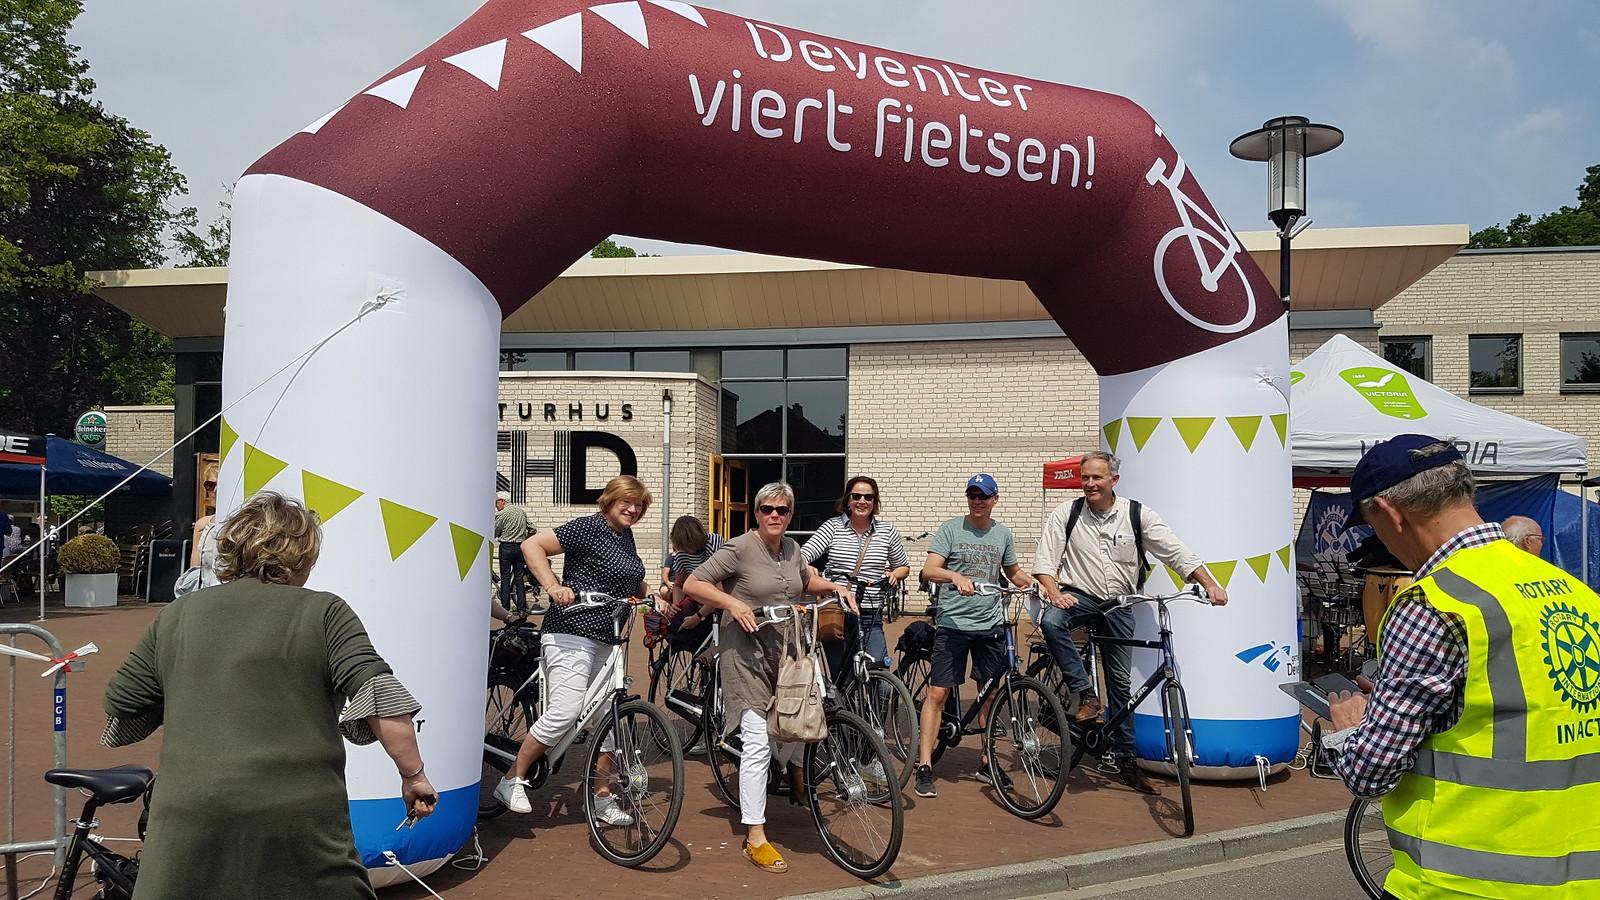 De start van de fietstocht bij het Kulturhus in Diepenveen.